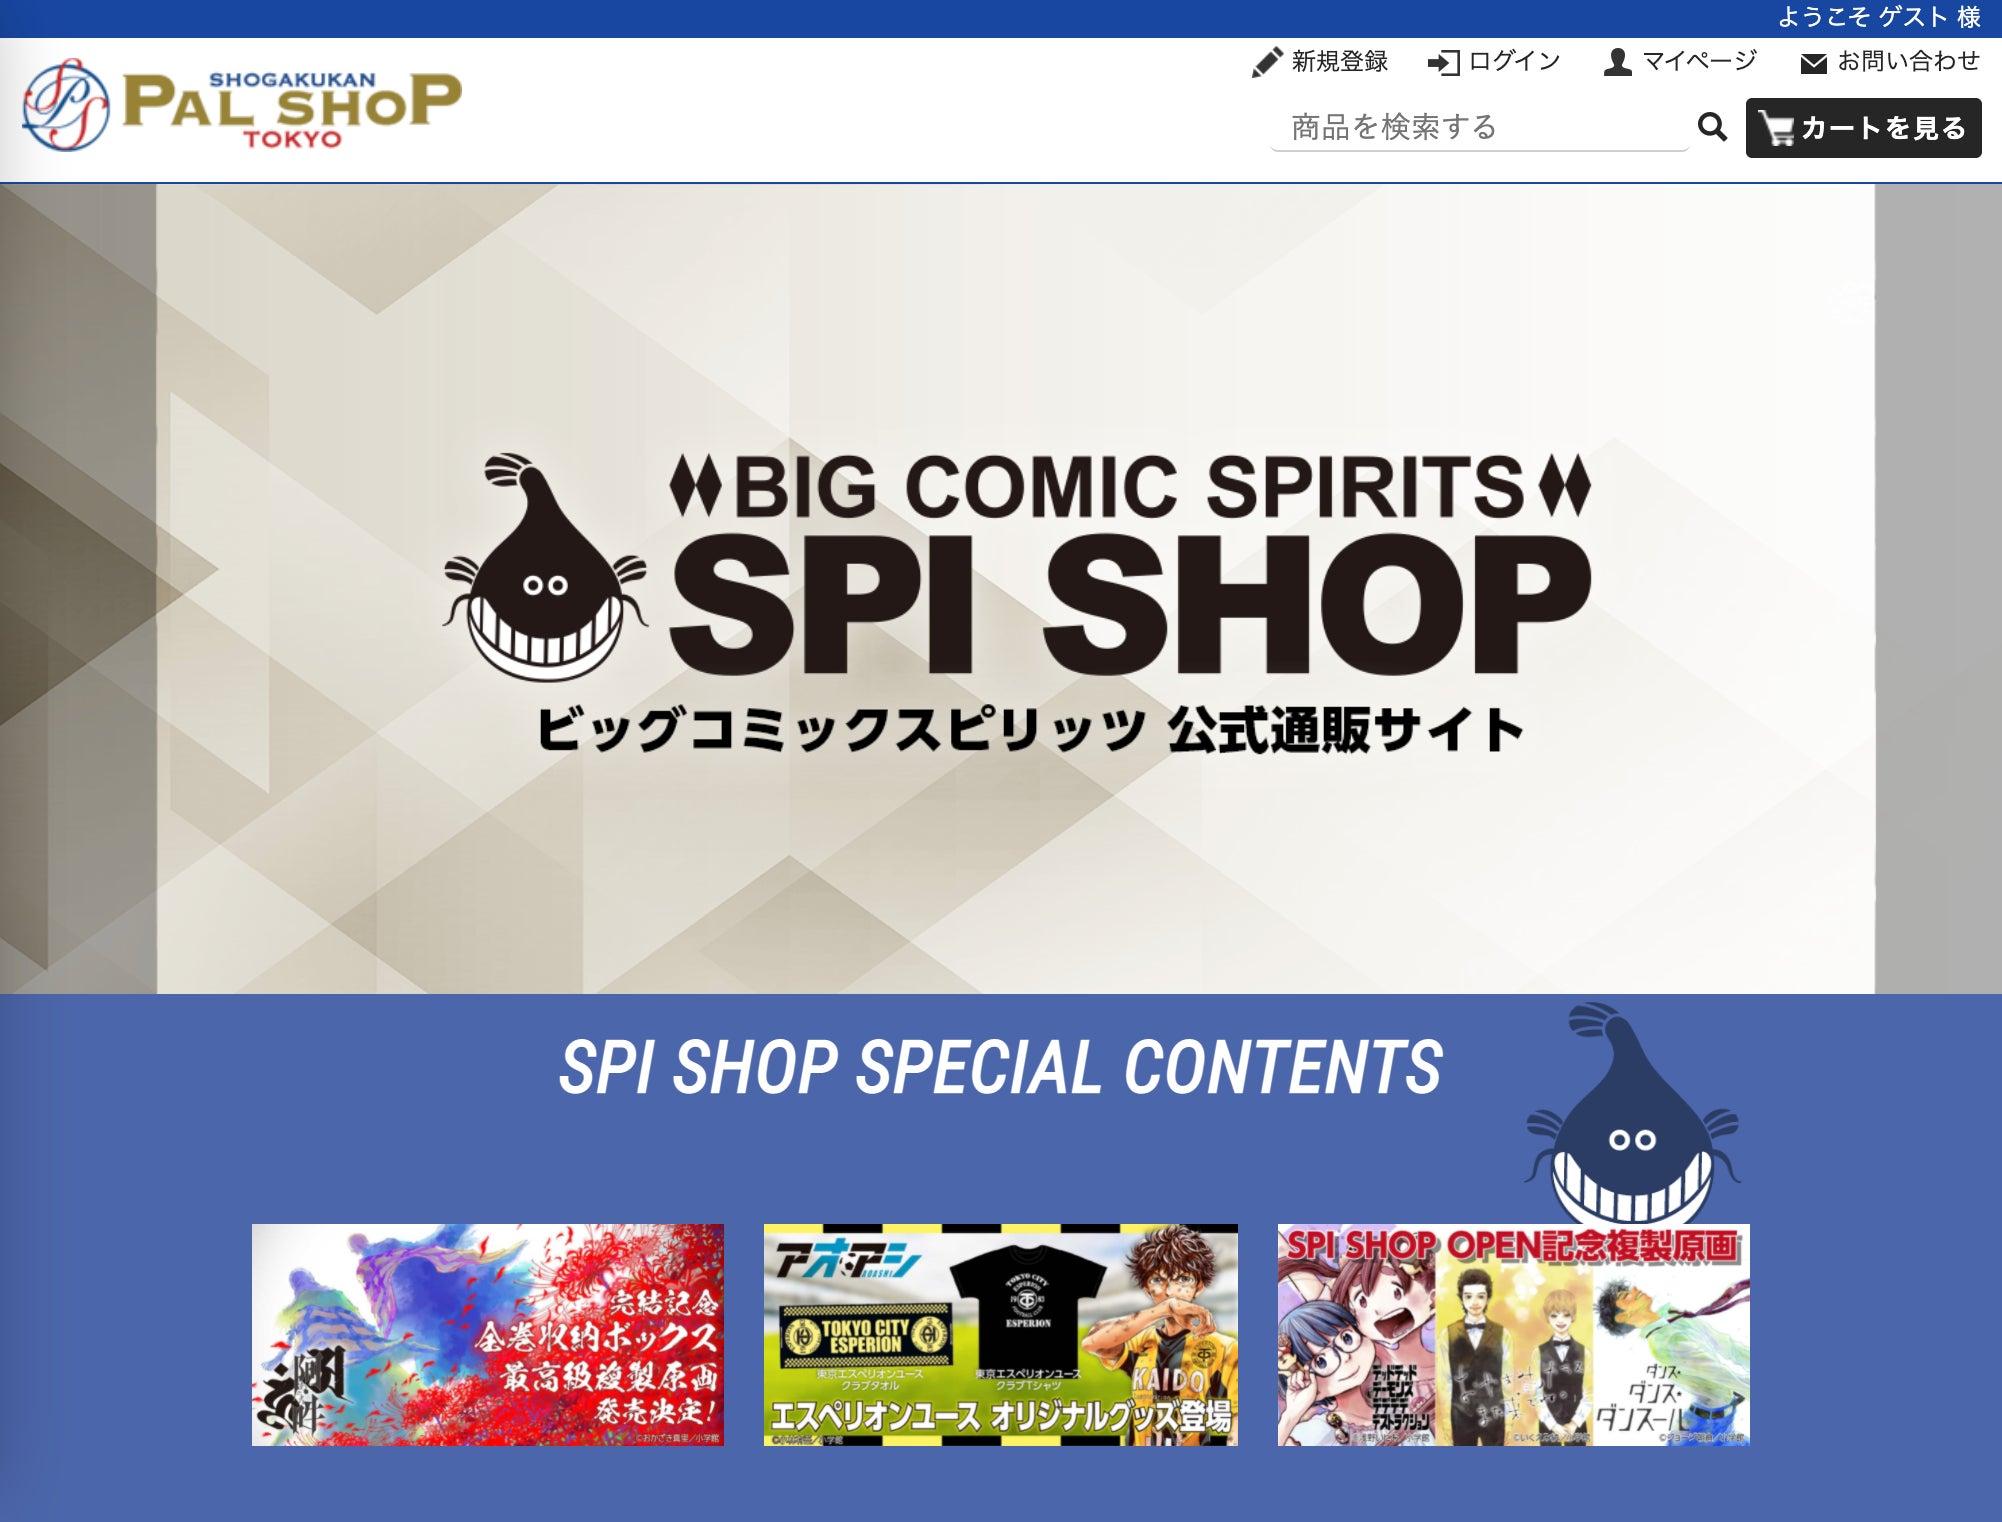 「ビッグコミックスピリッツ 公式通販サイト」より